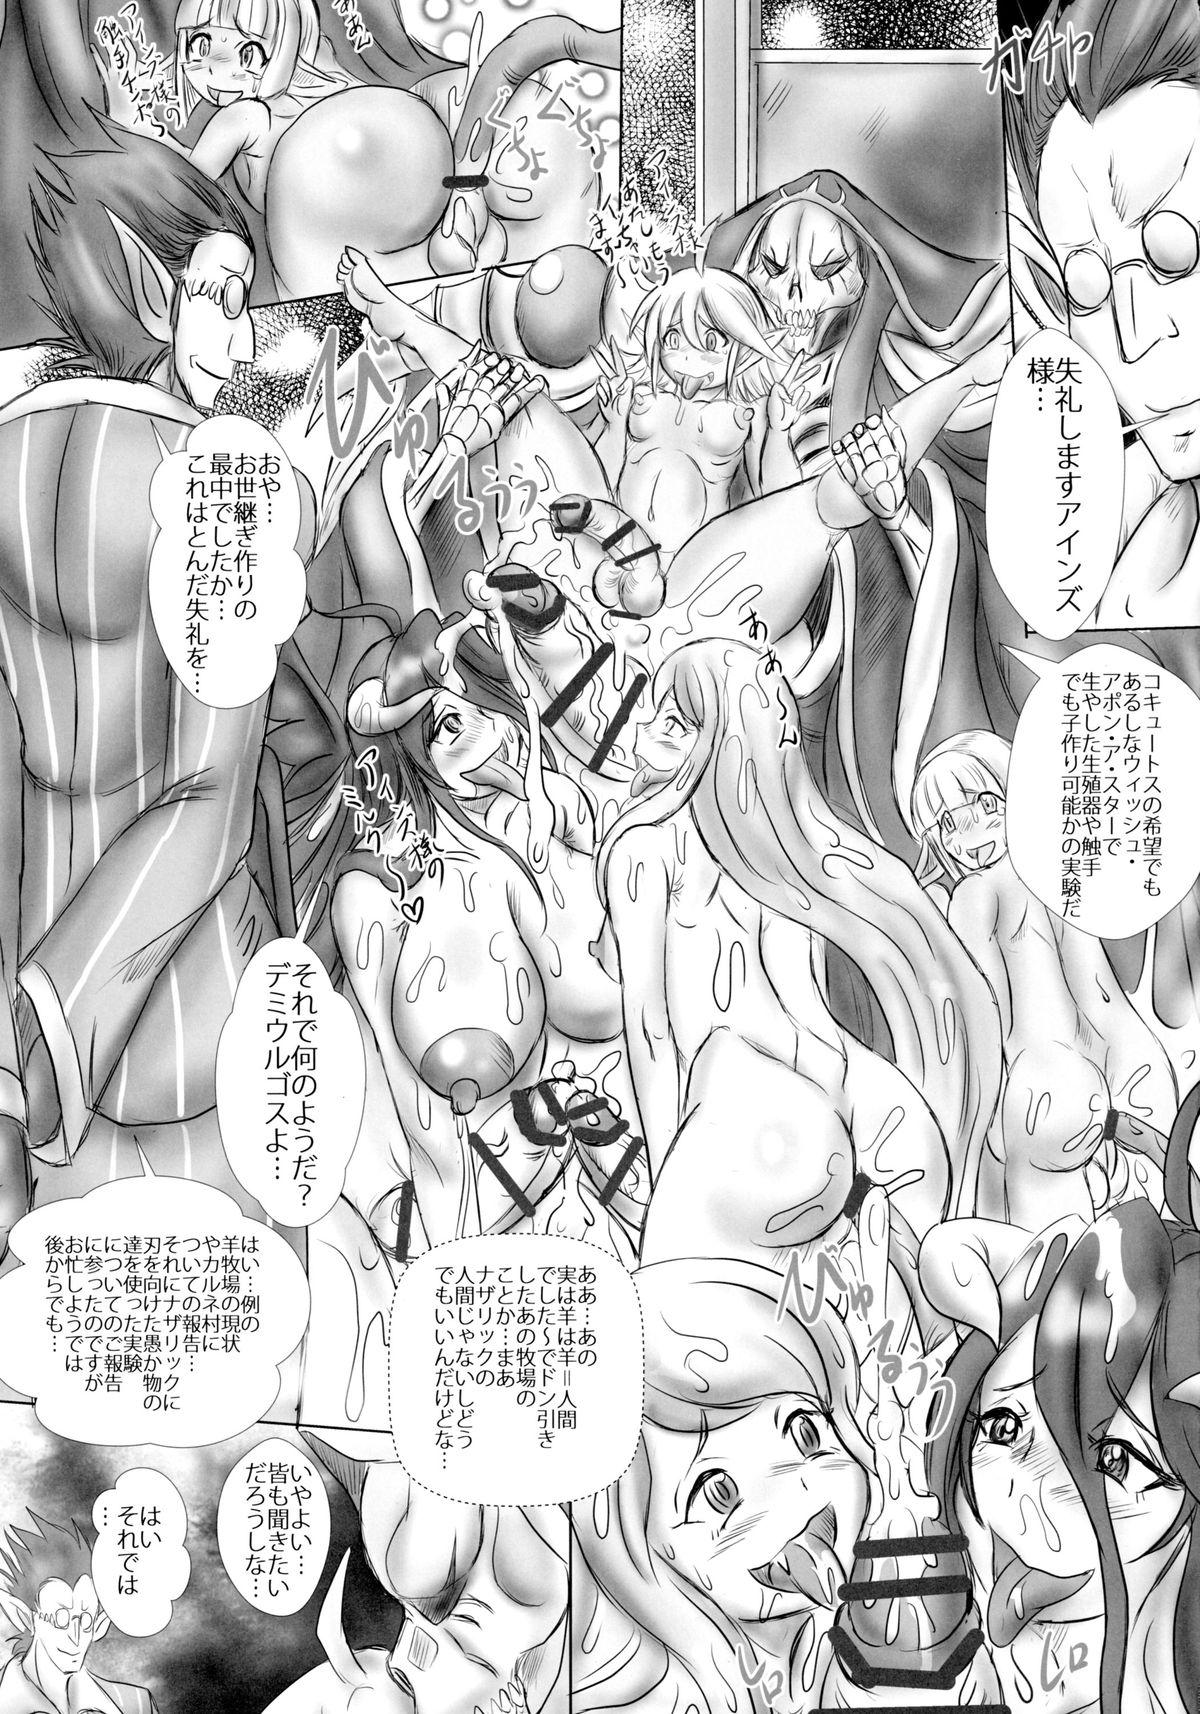 Oideyo! Nazarick no Futanari Bokujou 2